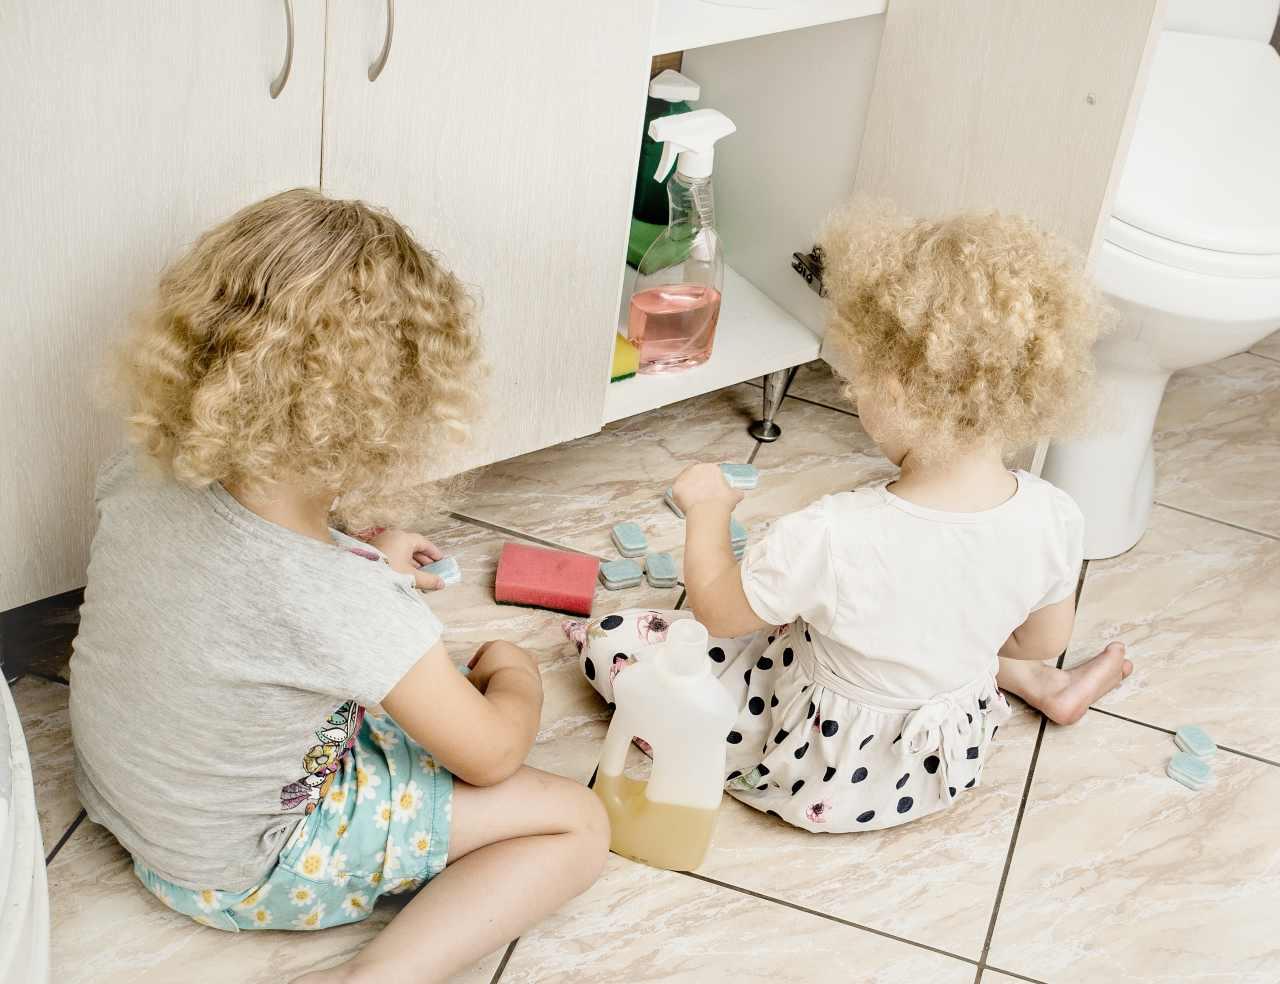 Pericoli in casa per i bambini